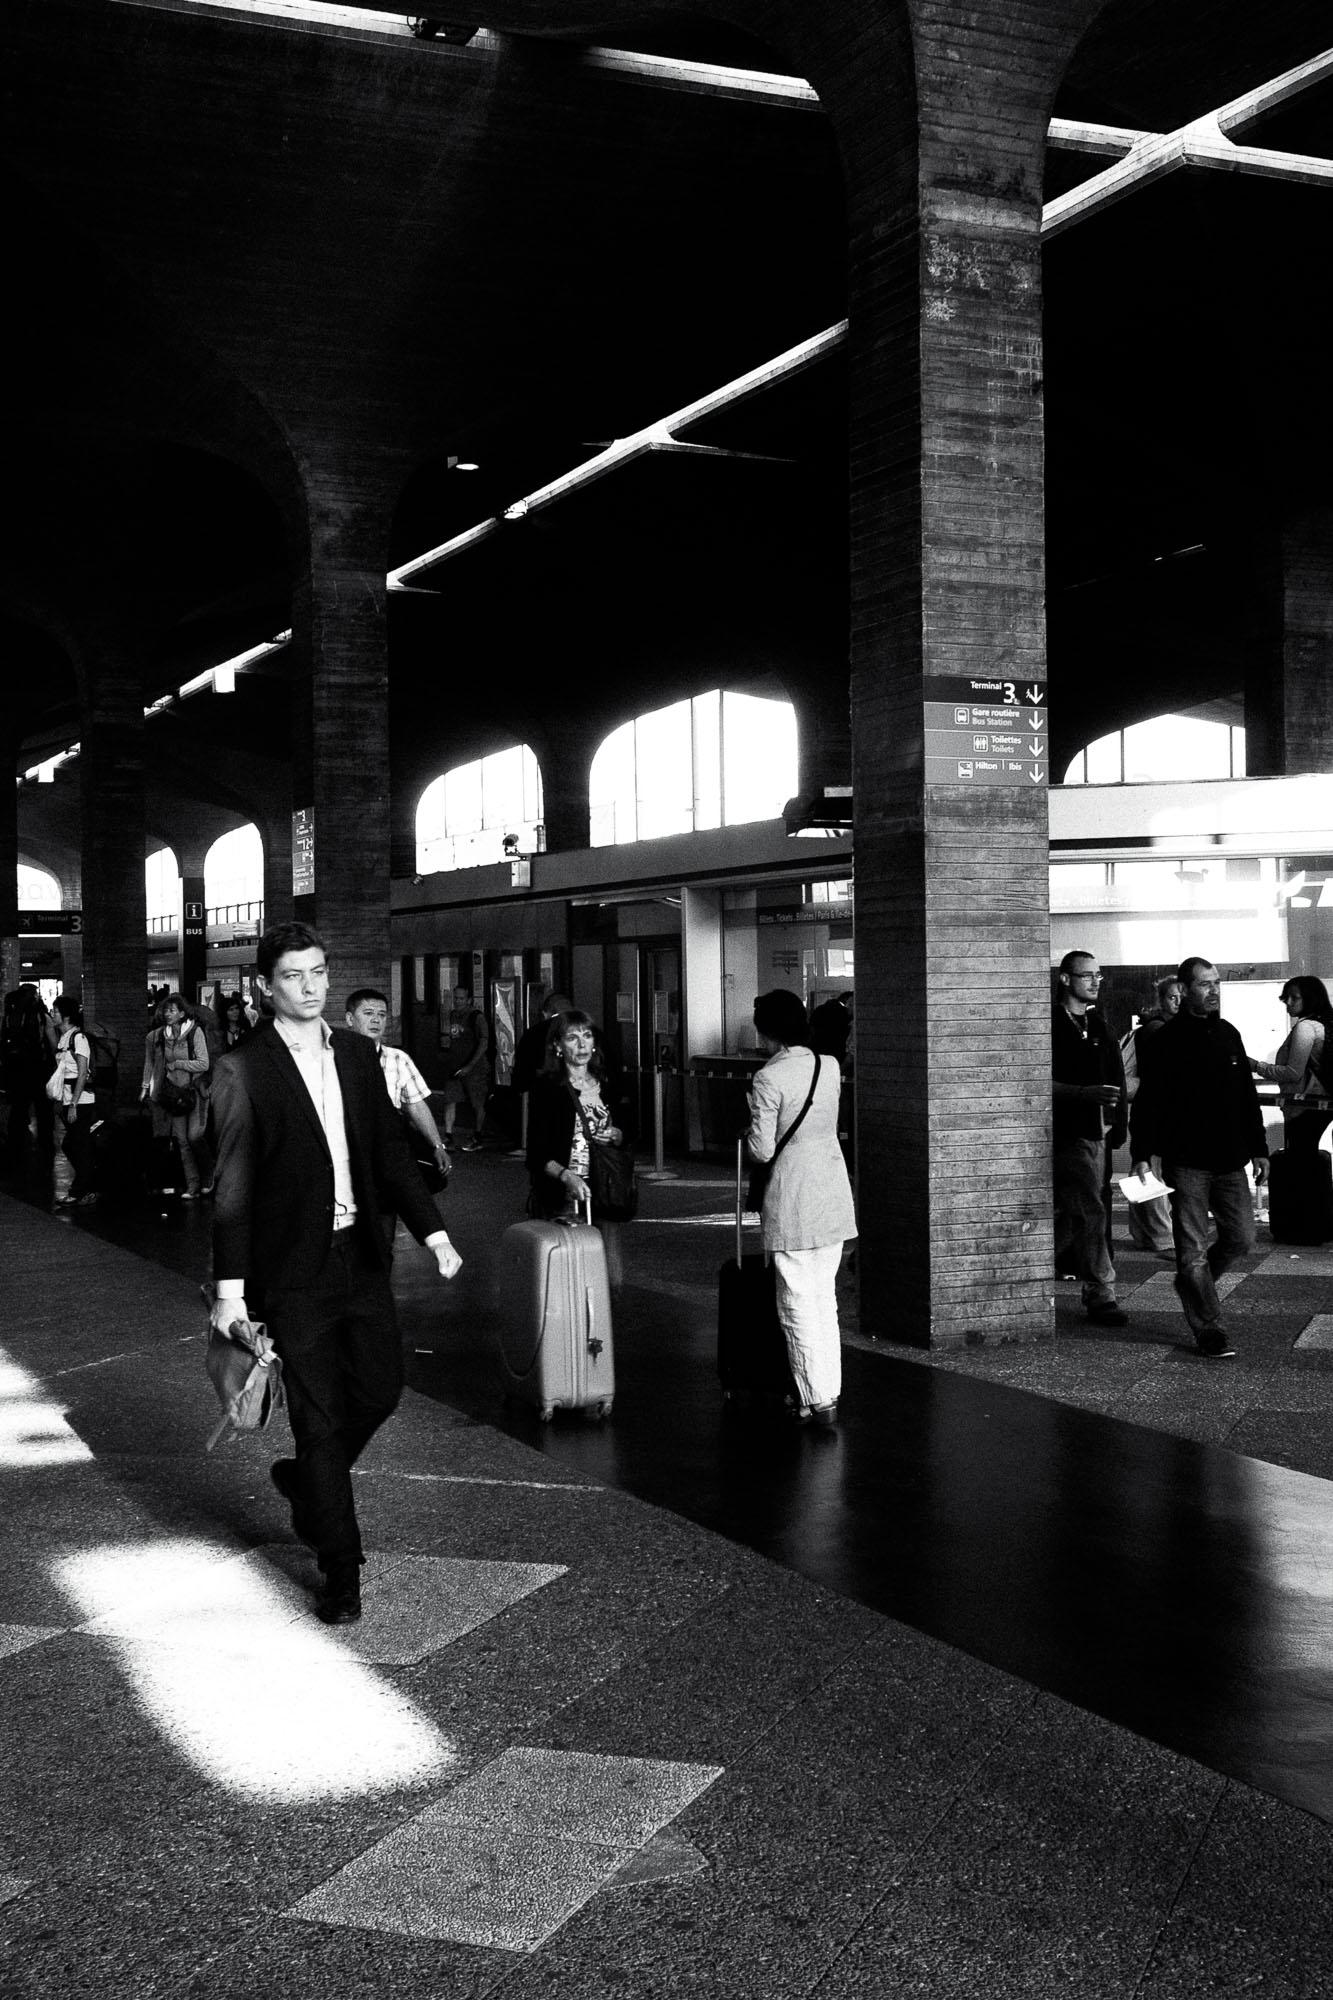 Sven-Michael---S-2013--8-[waiting-for-the-train]---©-Sven-Michael-Golimowski.jpg